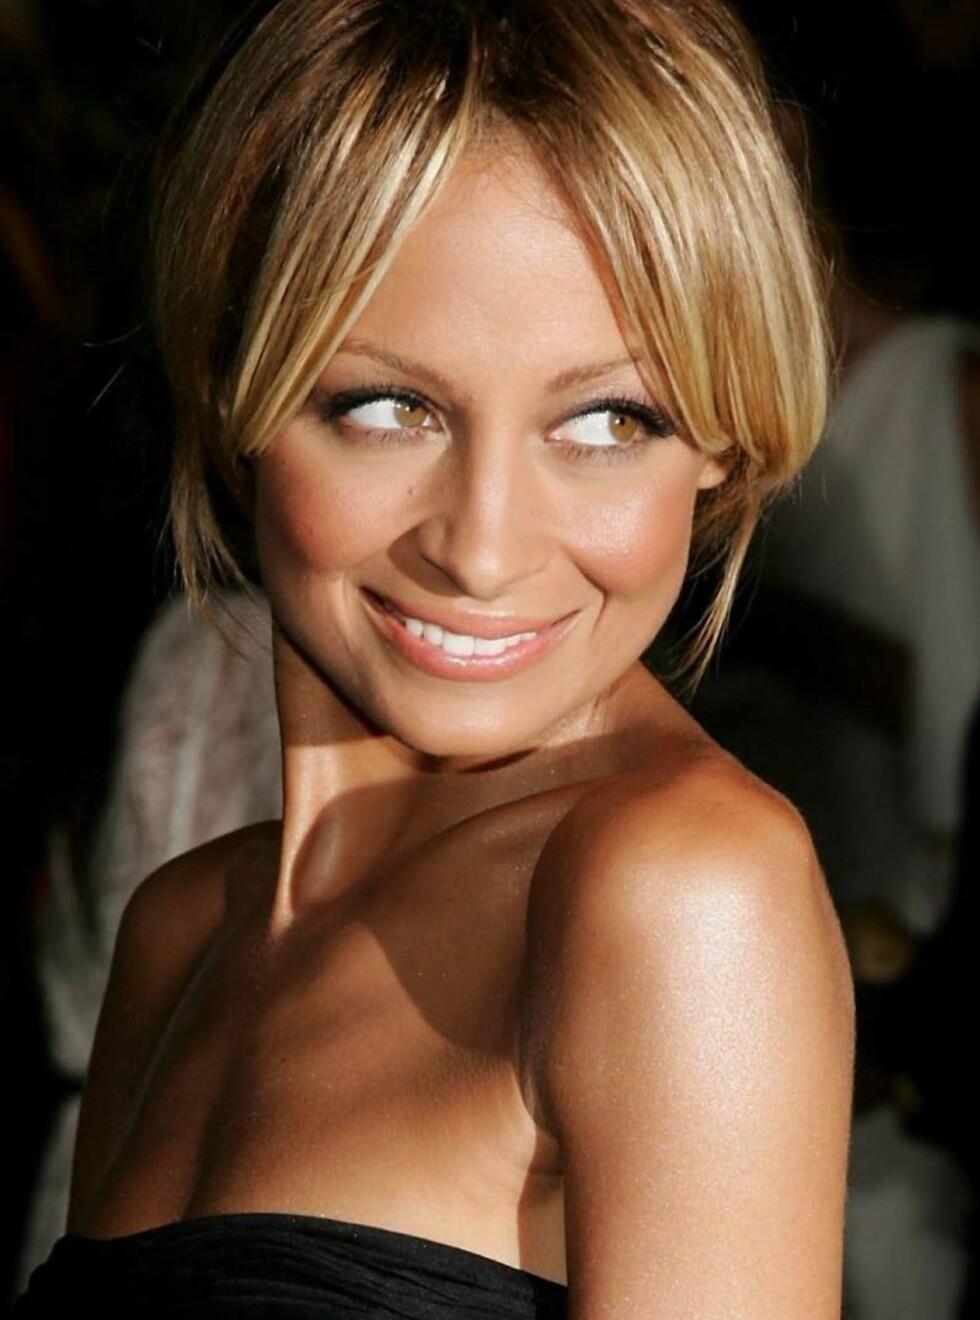 FANTASERER: Nicole Richie har uttalt at hun til og med drømmer om Prada. Foto: All Over Press